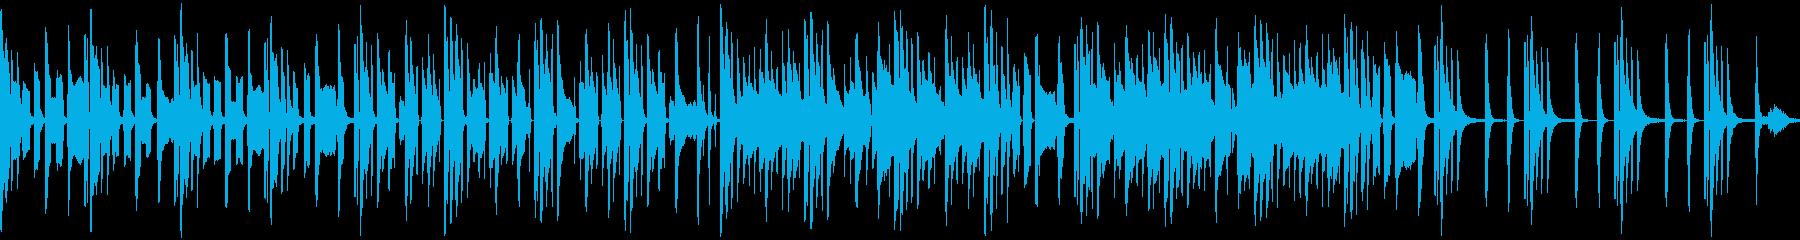 のんびりほんわかしたリコーダー楽曲ループの再生済みの波形